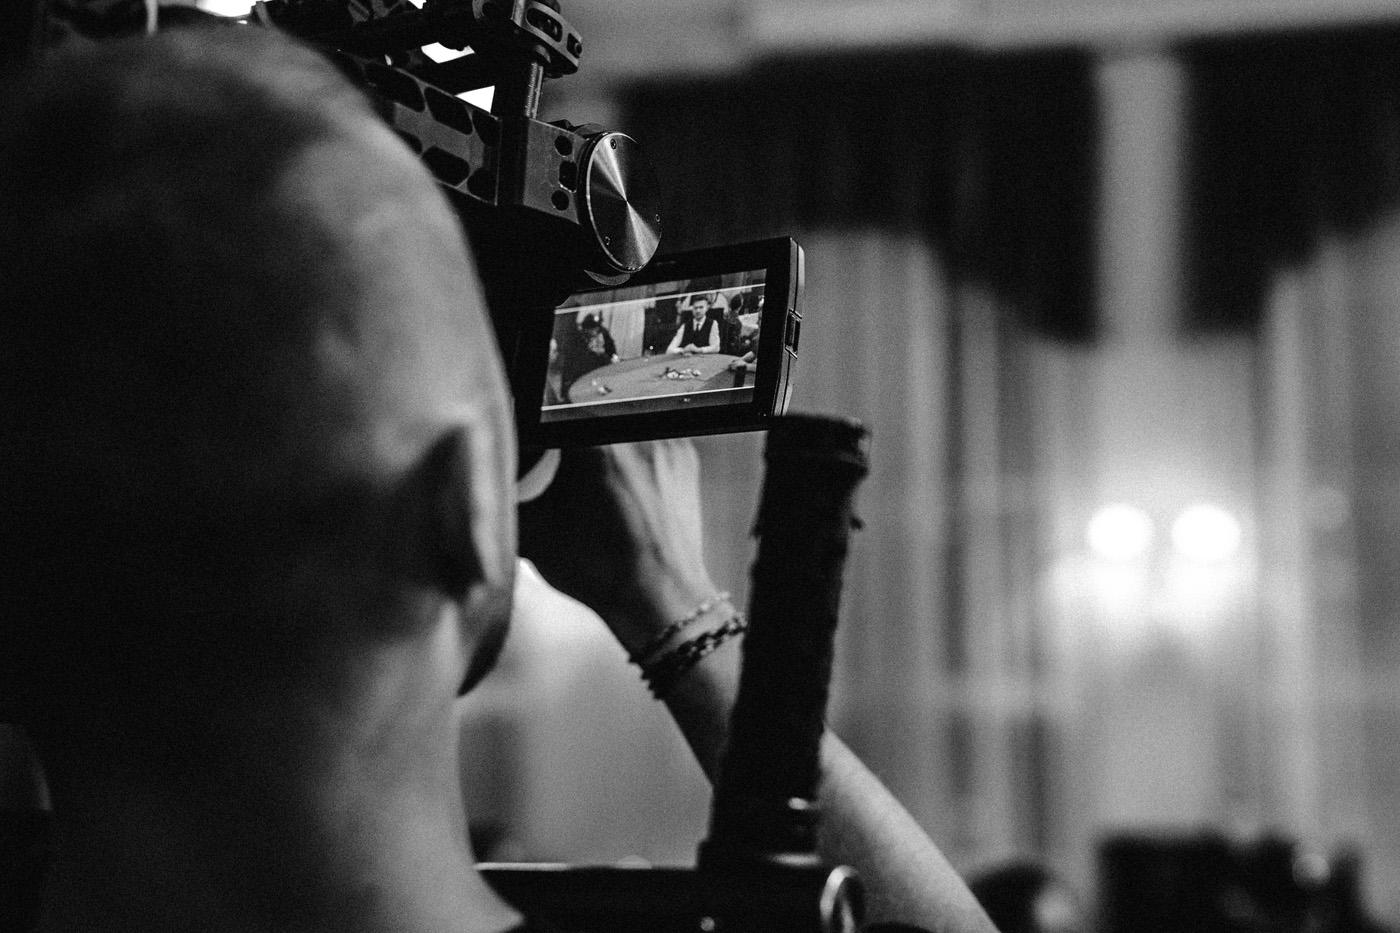 """Nocne rapowanie. Making of teledysku """"Miało się nie udać"""" Jan-rapowanie. 10"""